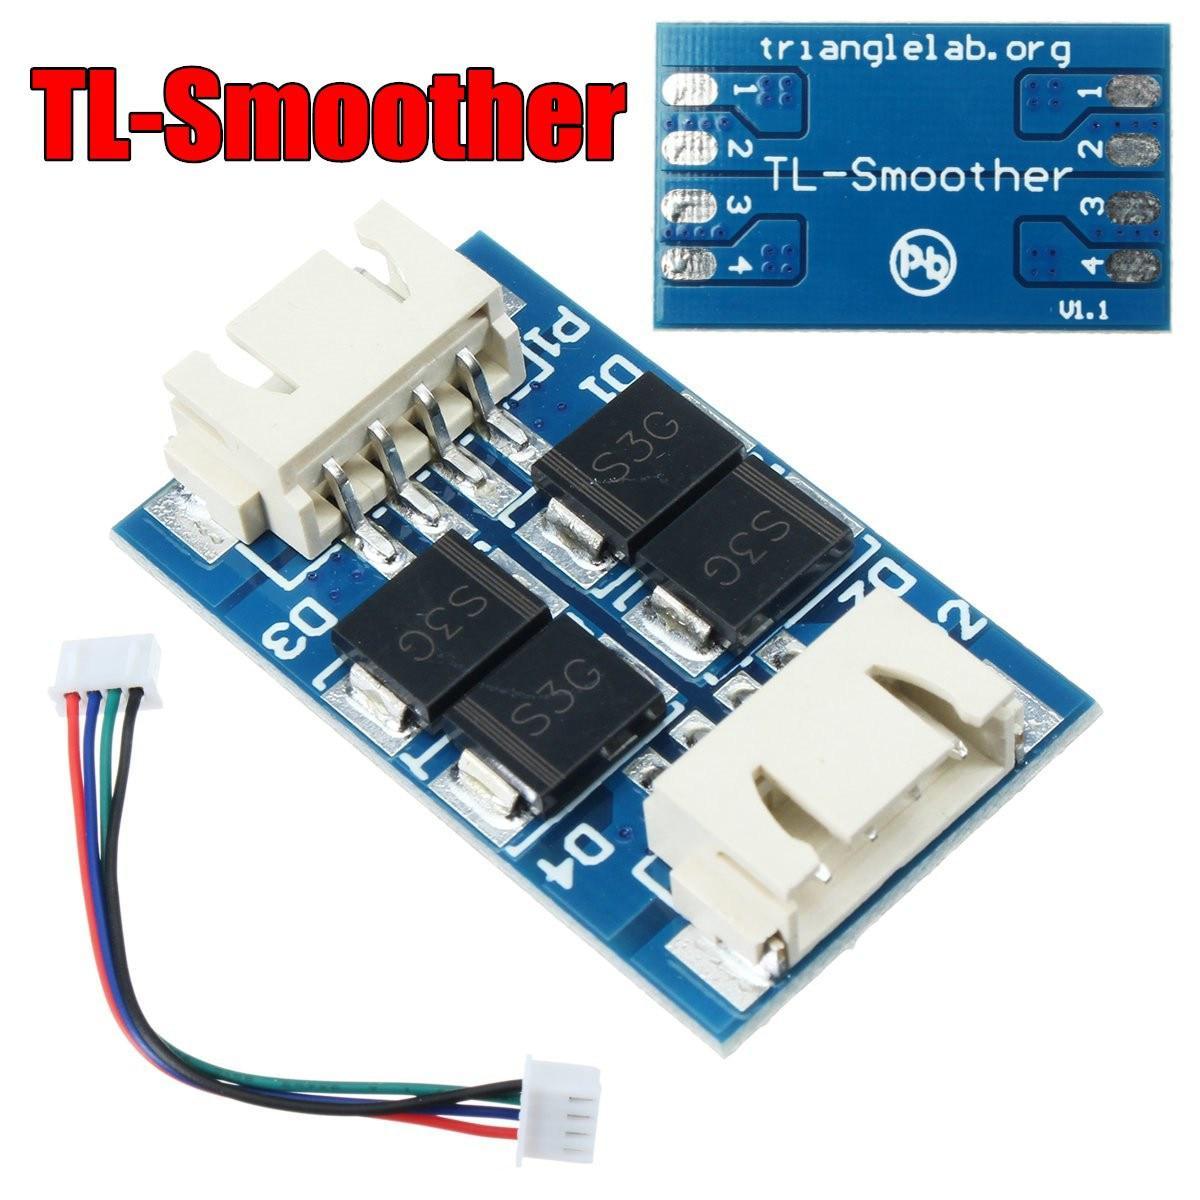 TL-Smoother 3D Printer Wave Filter Filter Motor Filter